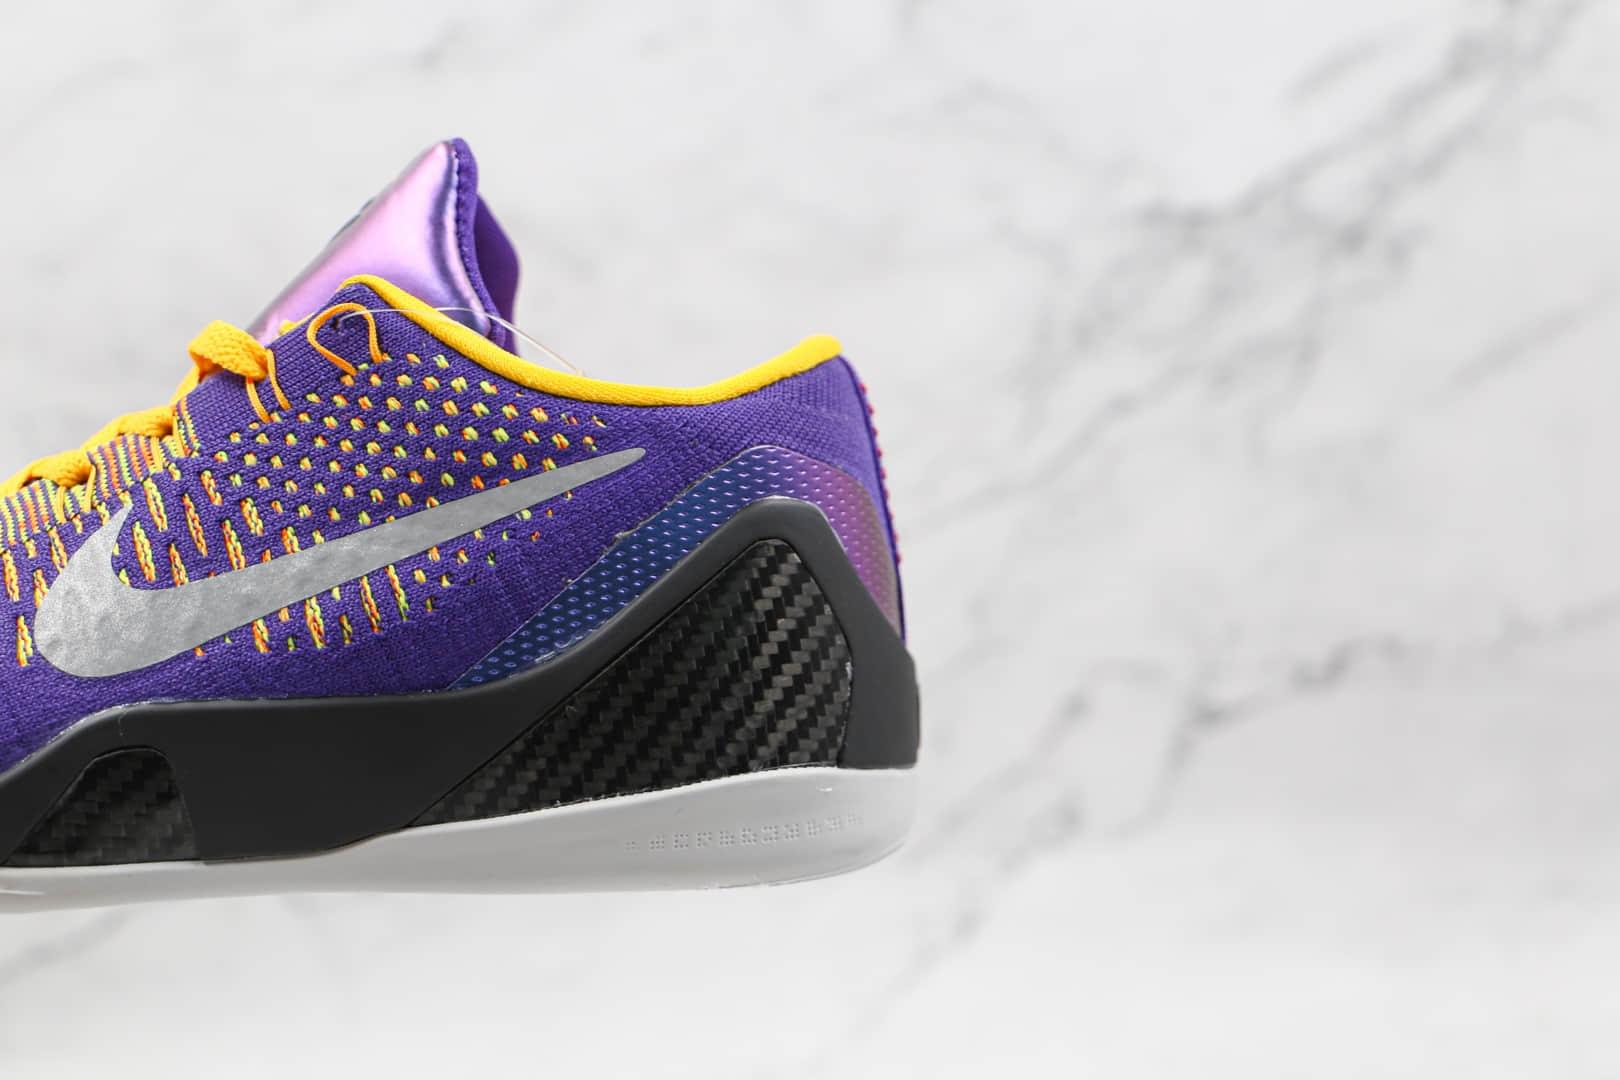 耐克Nike Zoom Kobe IX纯原版本科比9代紫金色黑曼巴篮球鞋支持实战 货号:630487-500